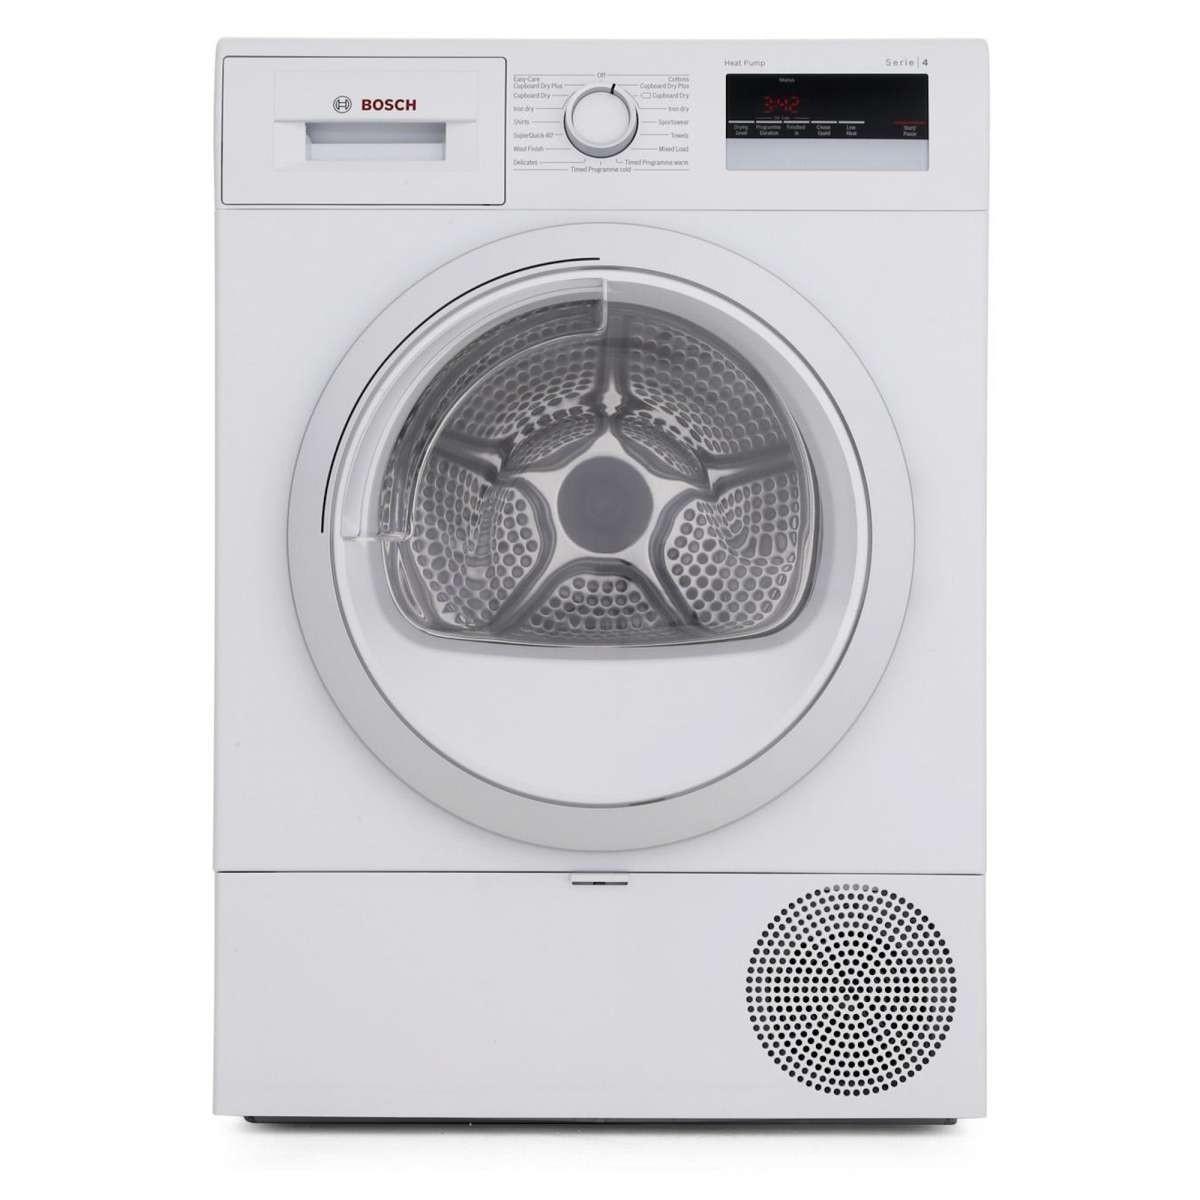 Bosch WTR85V21GB 8kg Tumble Dryer